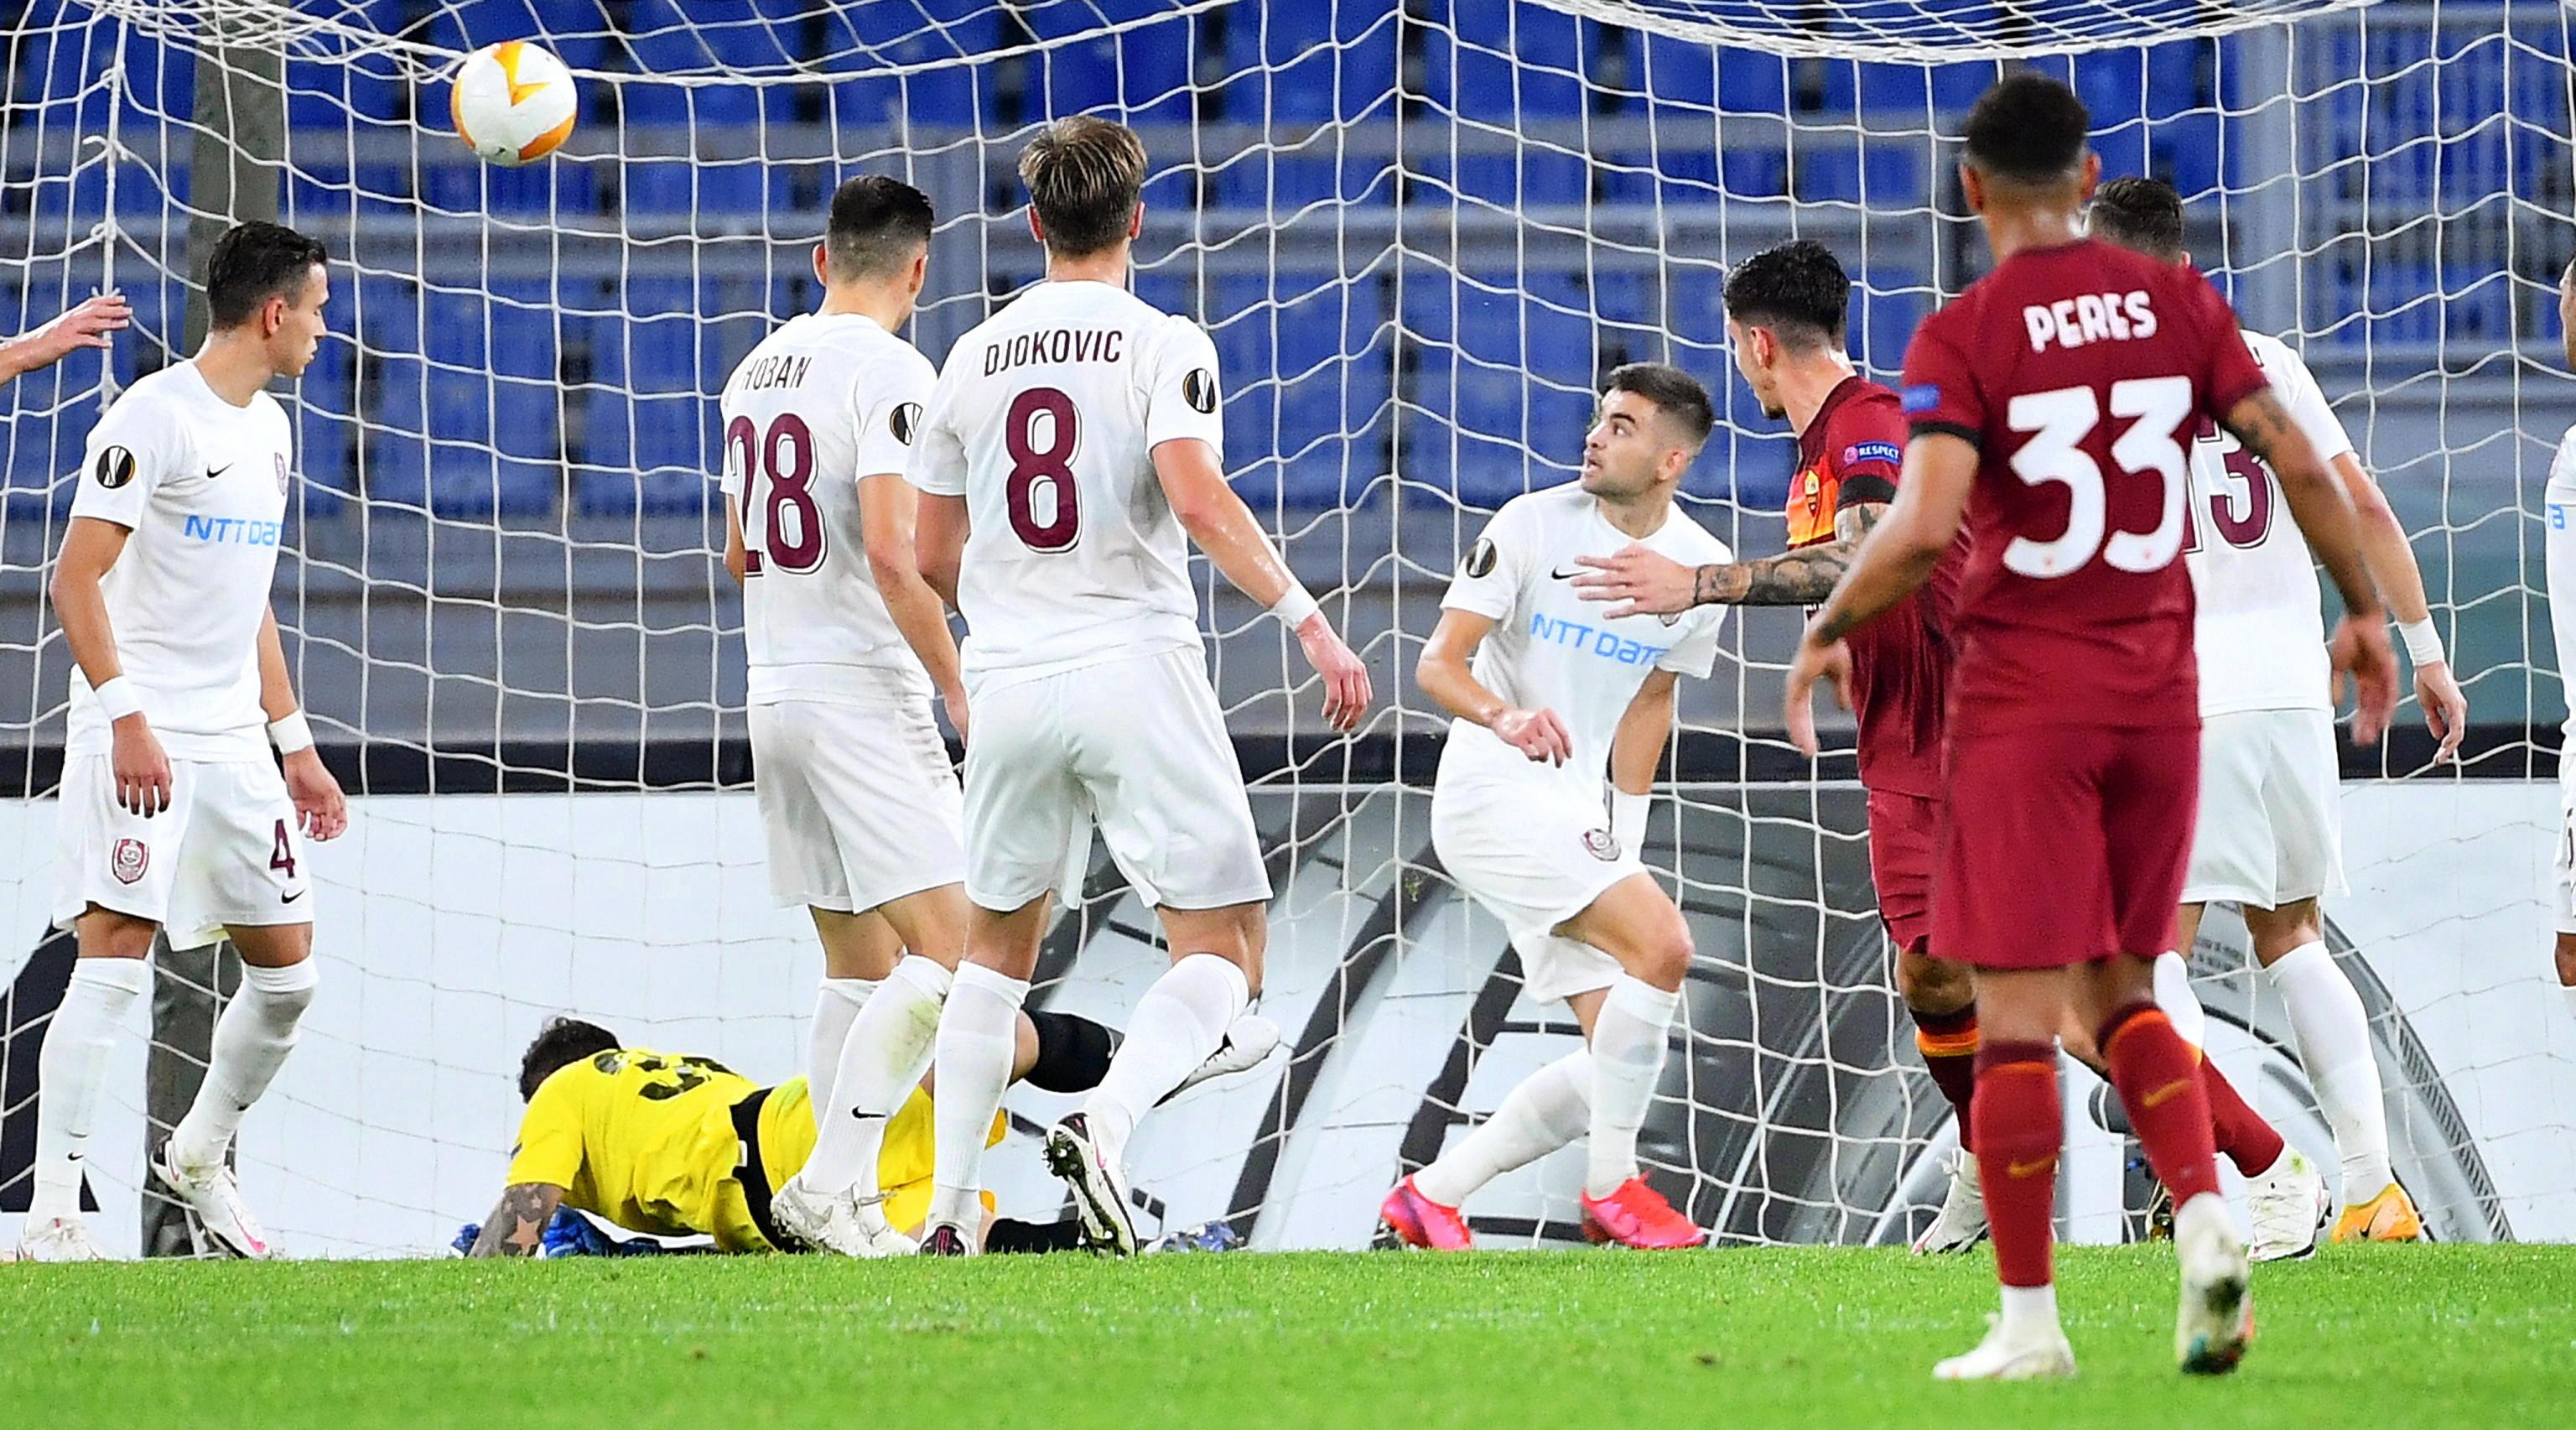 CFR Cluj a pierdut şi meciul de acasă cu AS Roma, scor 0-2. Clujenii se îndepărtează de primăvara europeană